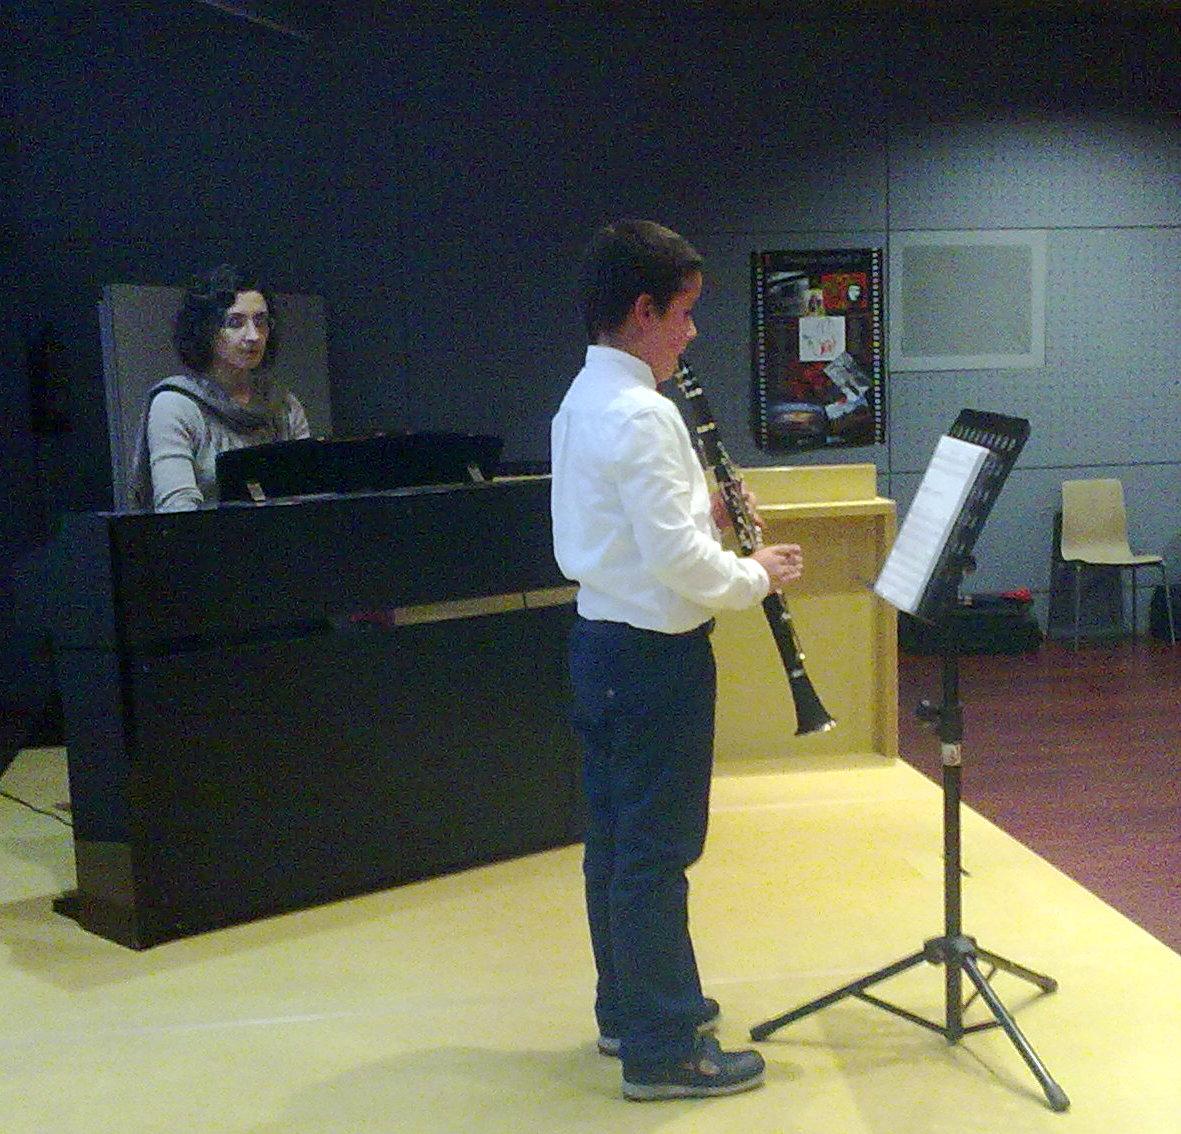 audicions-1a-trimestre-curso-10-11-clarinete